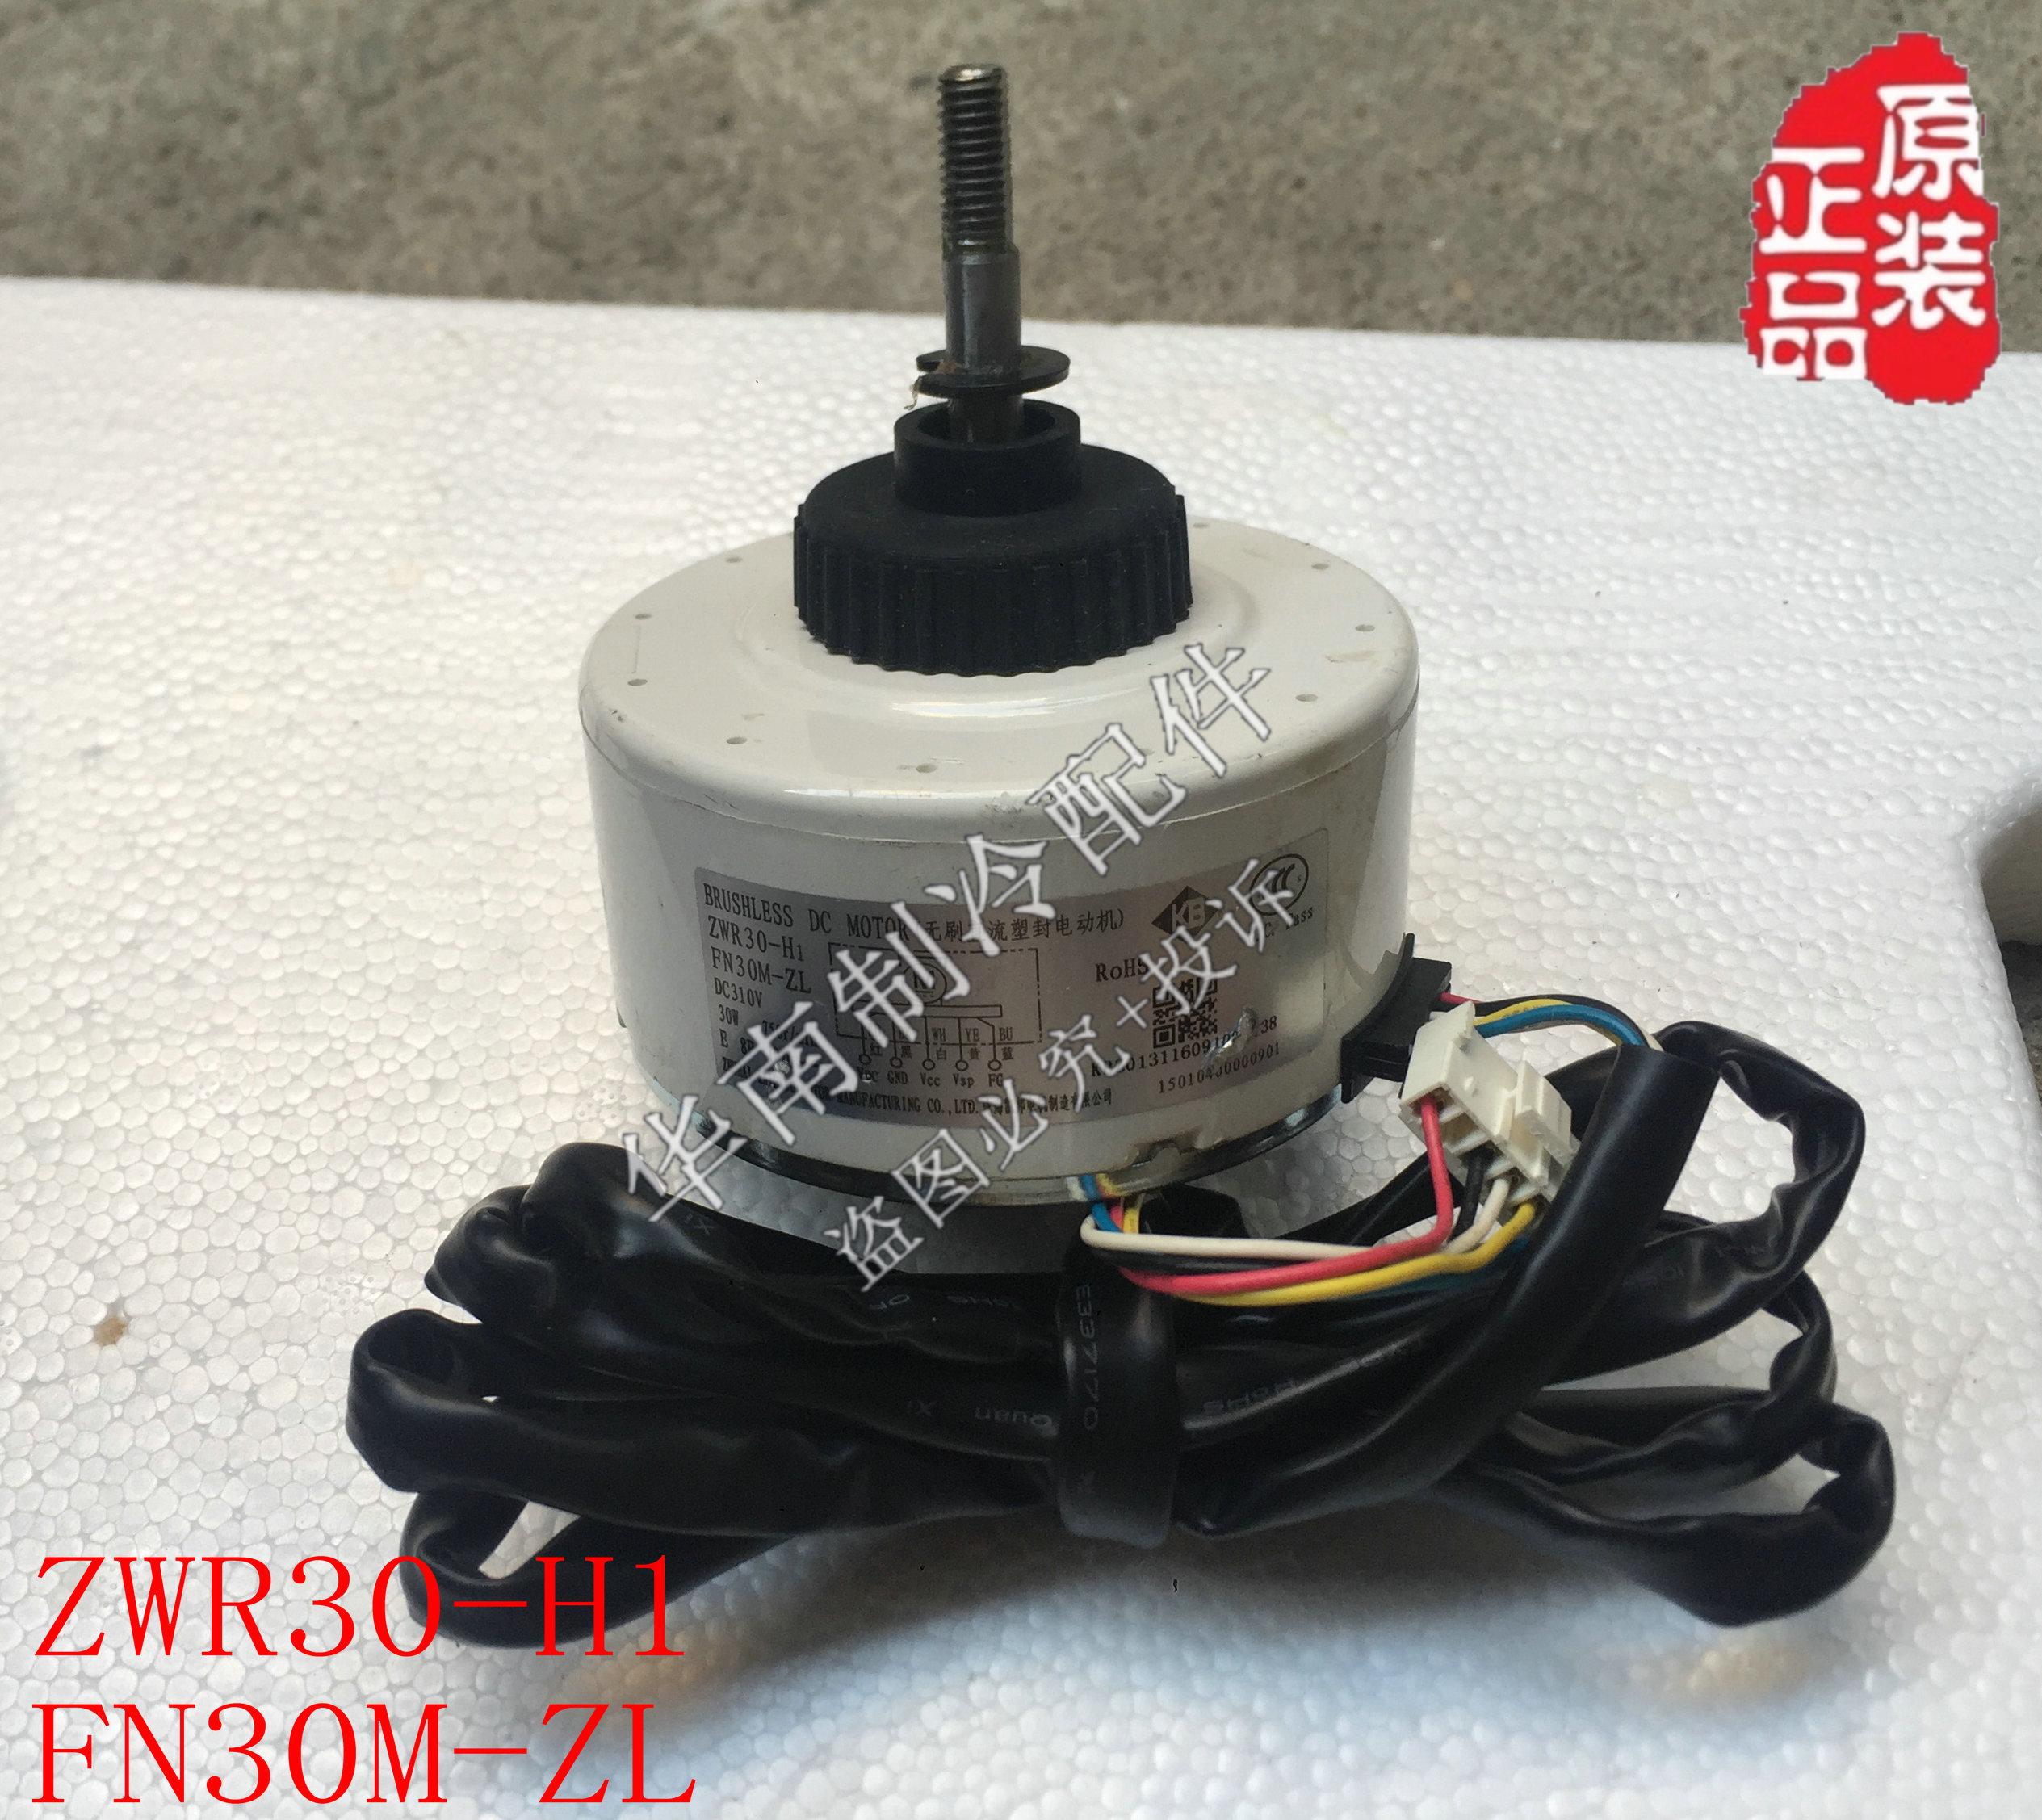 [格力空调配件4号仓遥控设备]格力空调空气净化器配件直流塑封电机F月销量0件仅售280元